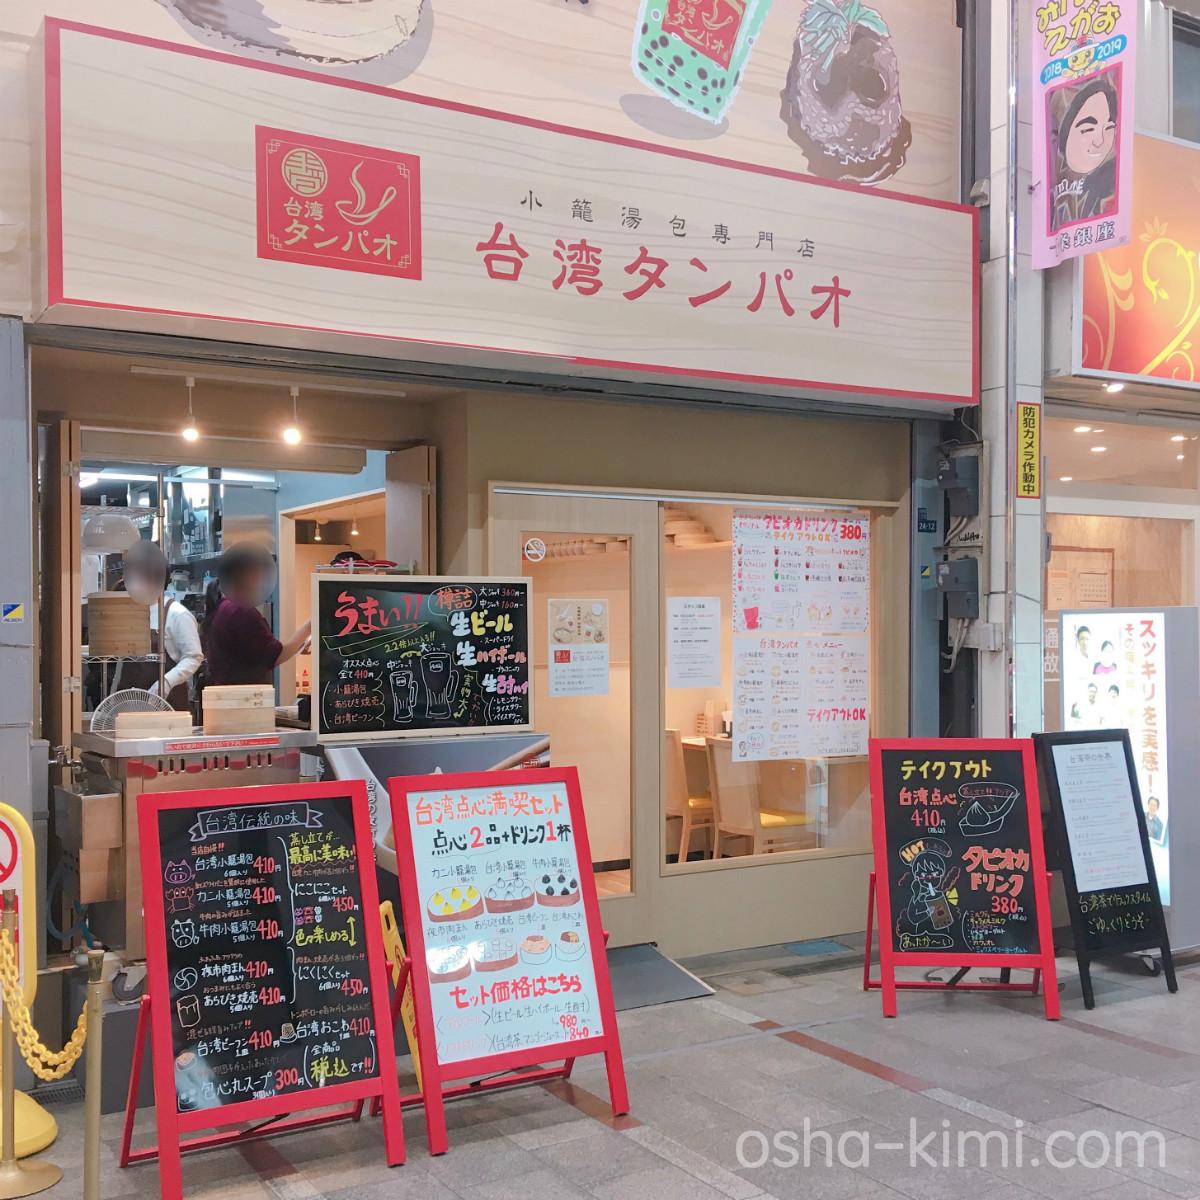 十条銀座にできた台湾料理屋「台湾タンパオ」の外観